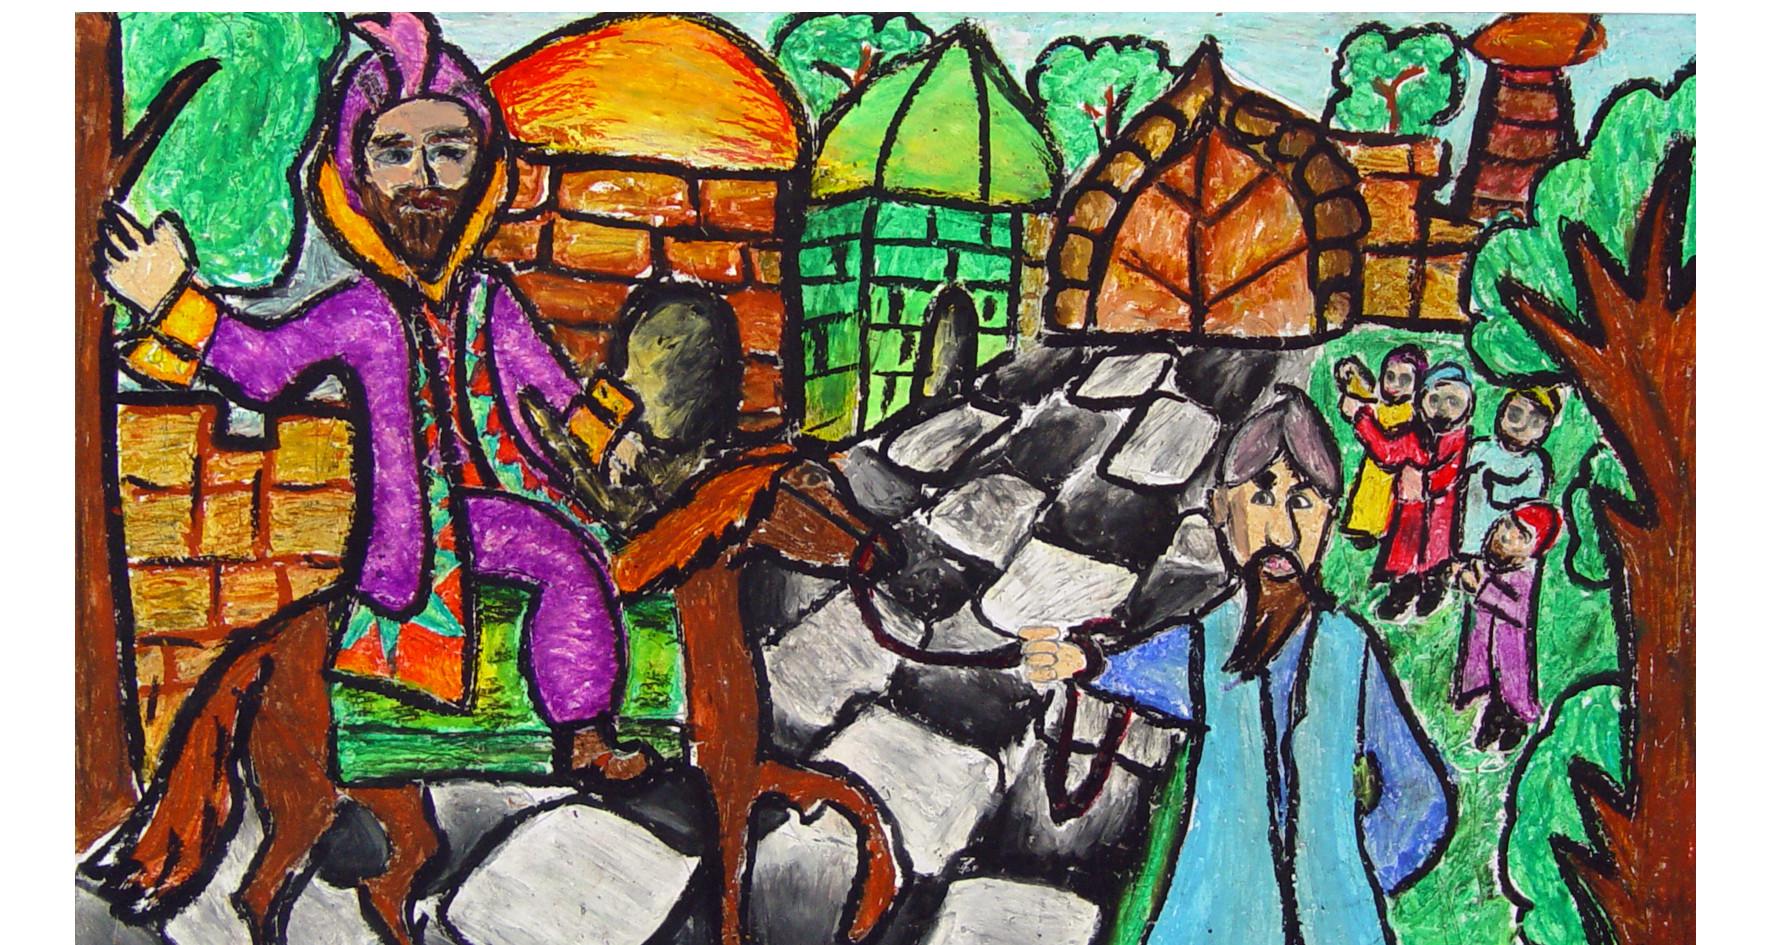 Mordechai rides on the horse